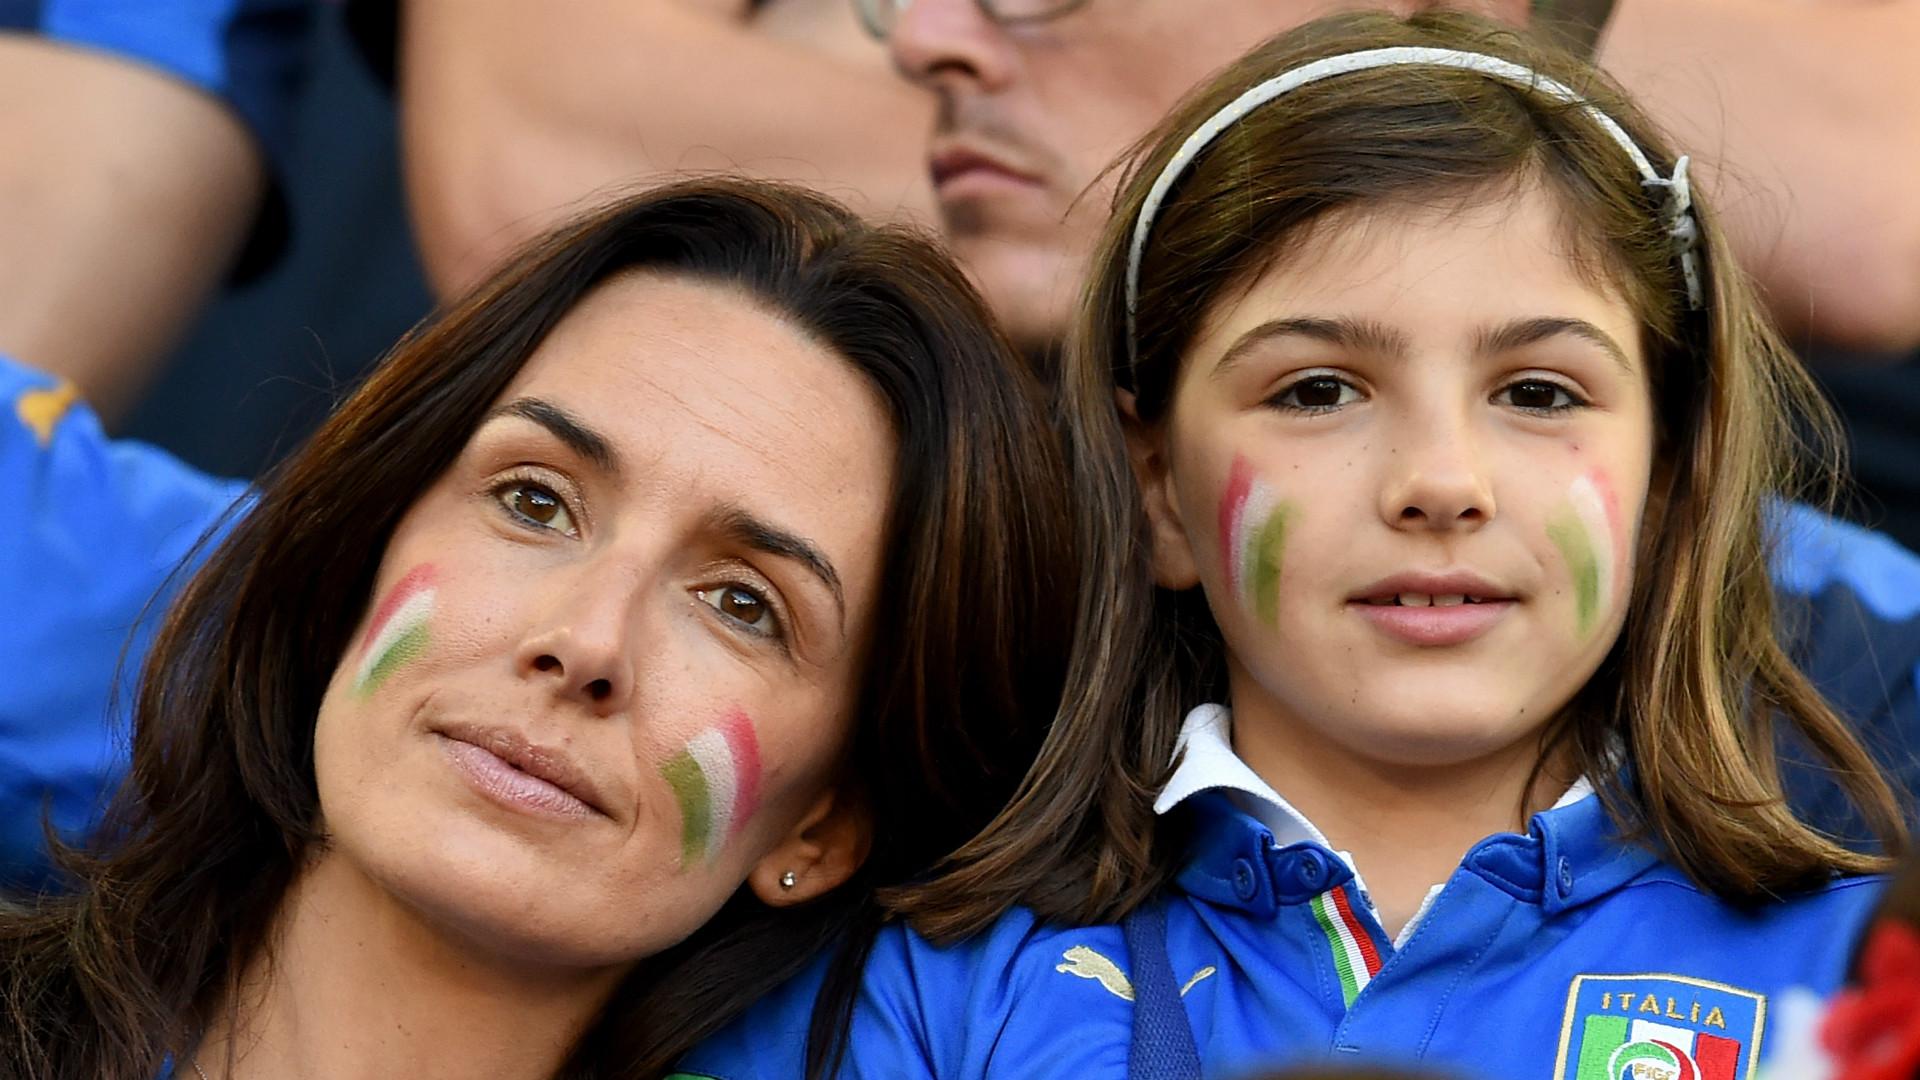 Antonio Conte wife